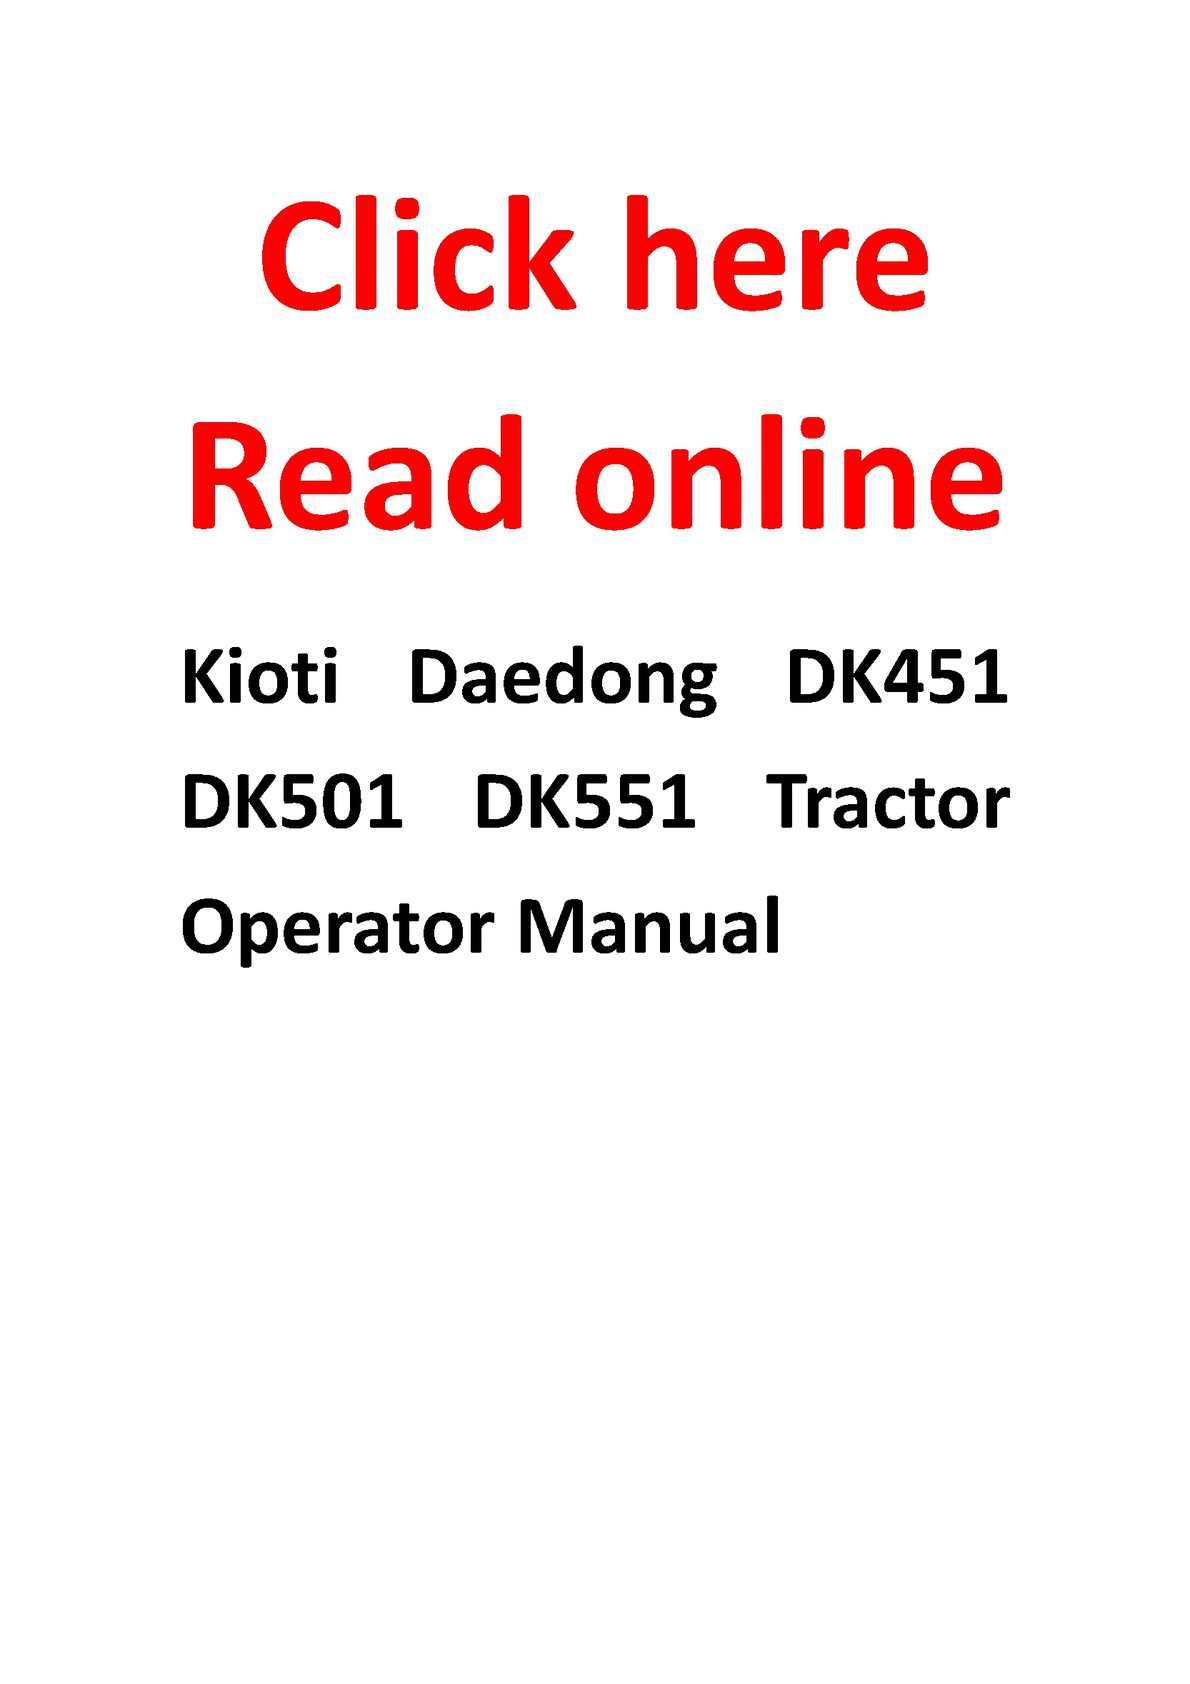 Kioti Wiring Diagram Libraries Tractor Calam O Daedong Dk451 Dk501 Dk551 Operator Manualkioti 12